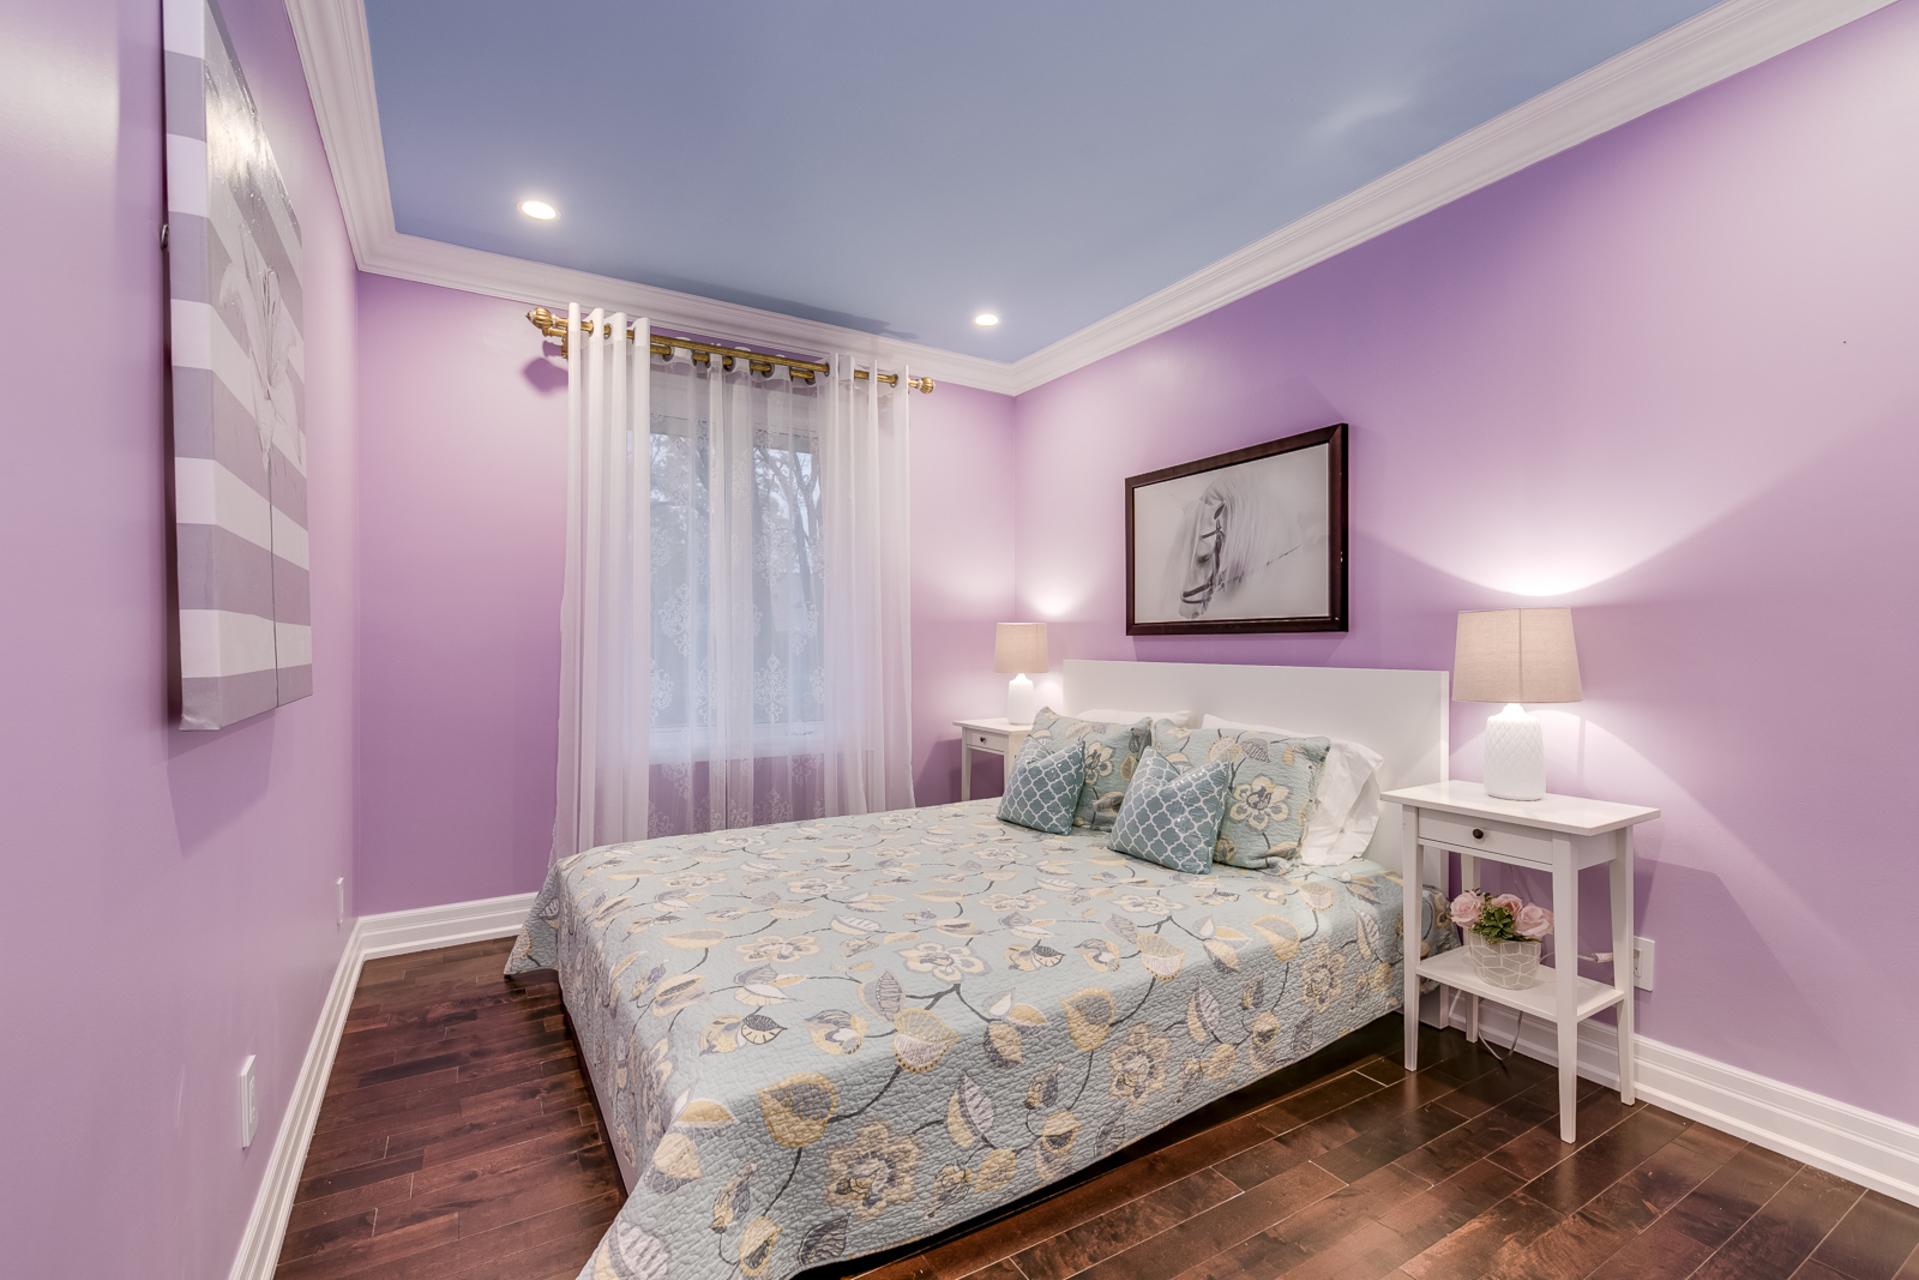 Master Bedroom - 2058 Constance Dr, Oakville - Elite3 & Team at 2058 Constance Drive, Eastlake, Oakville